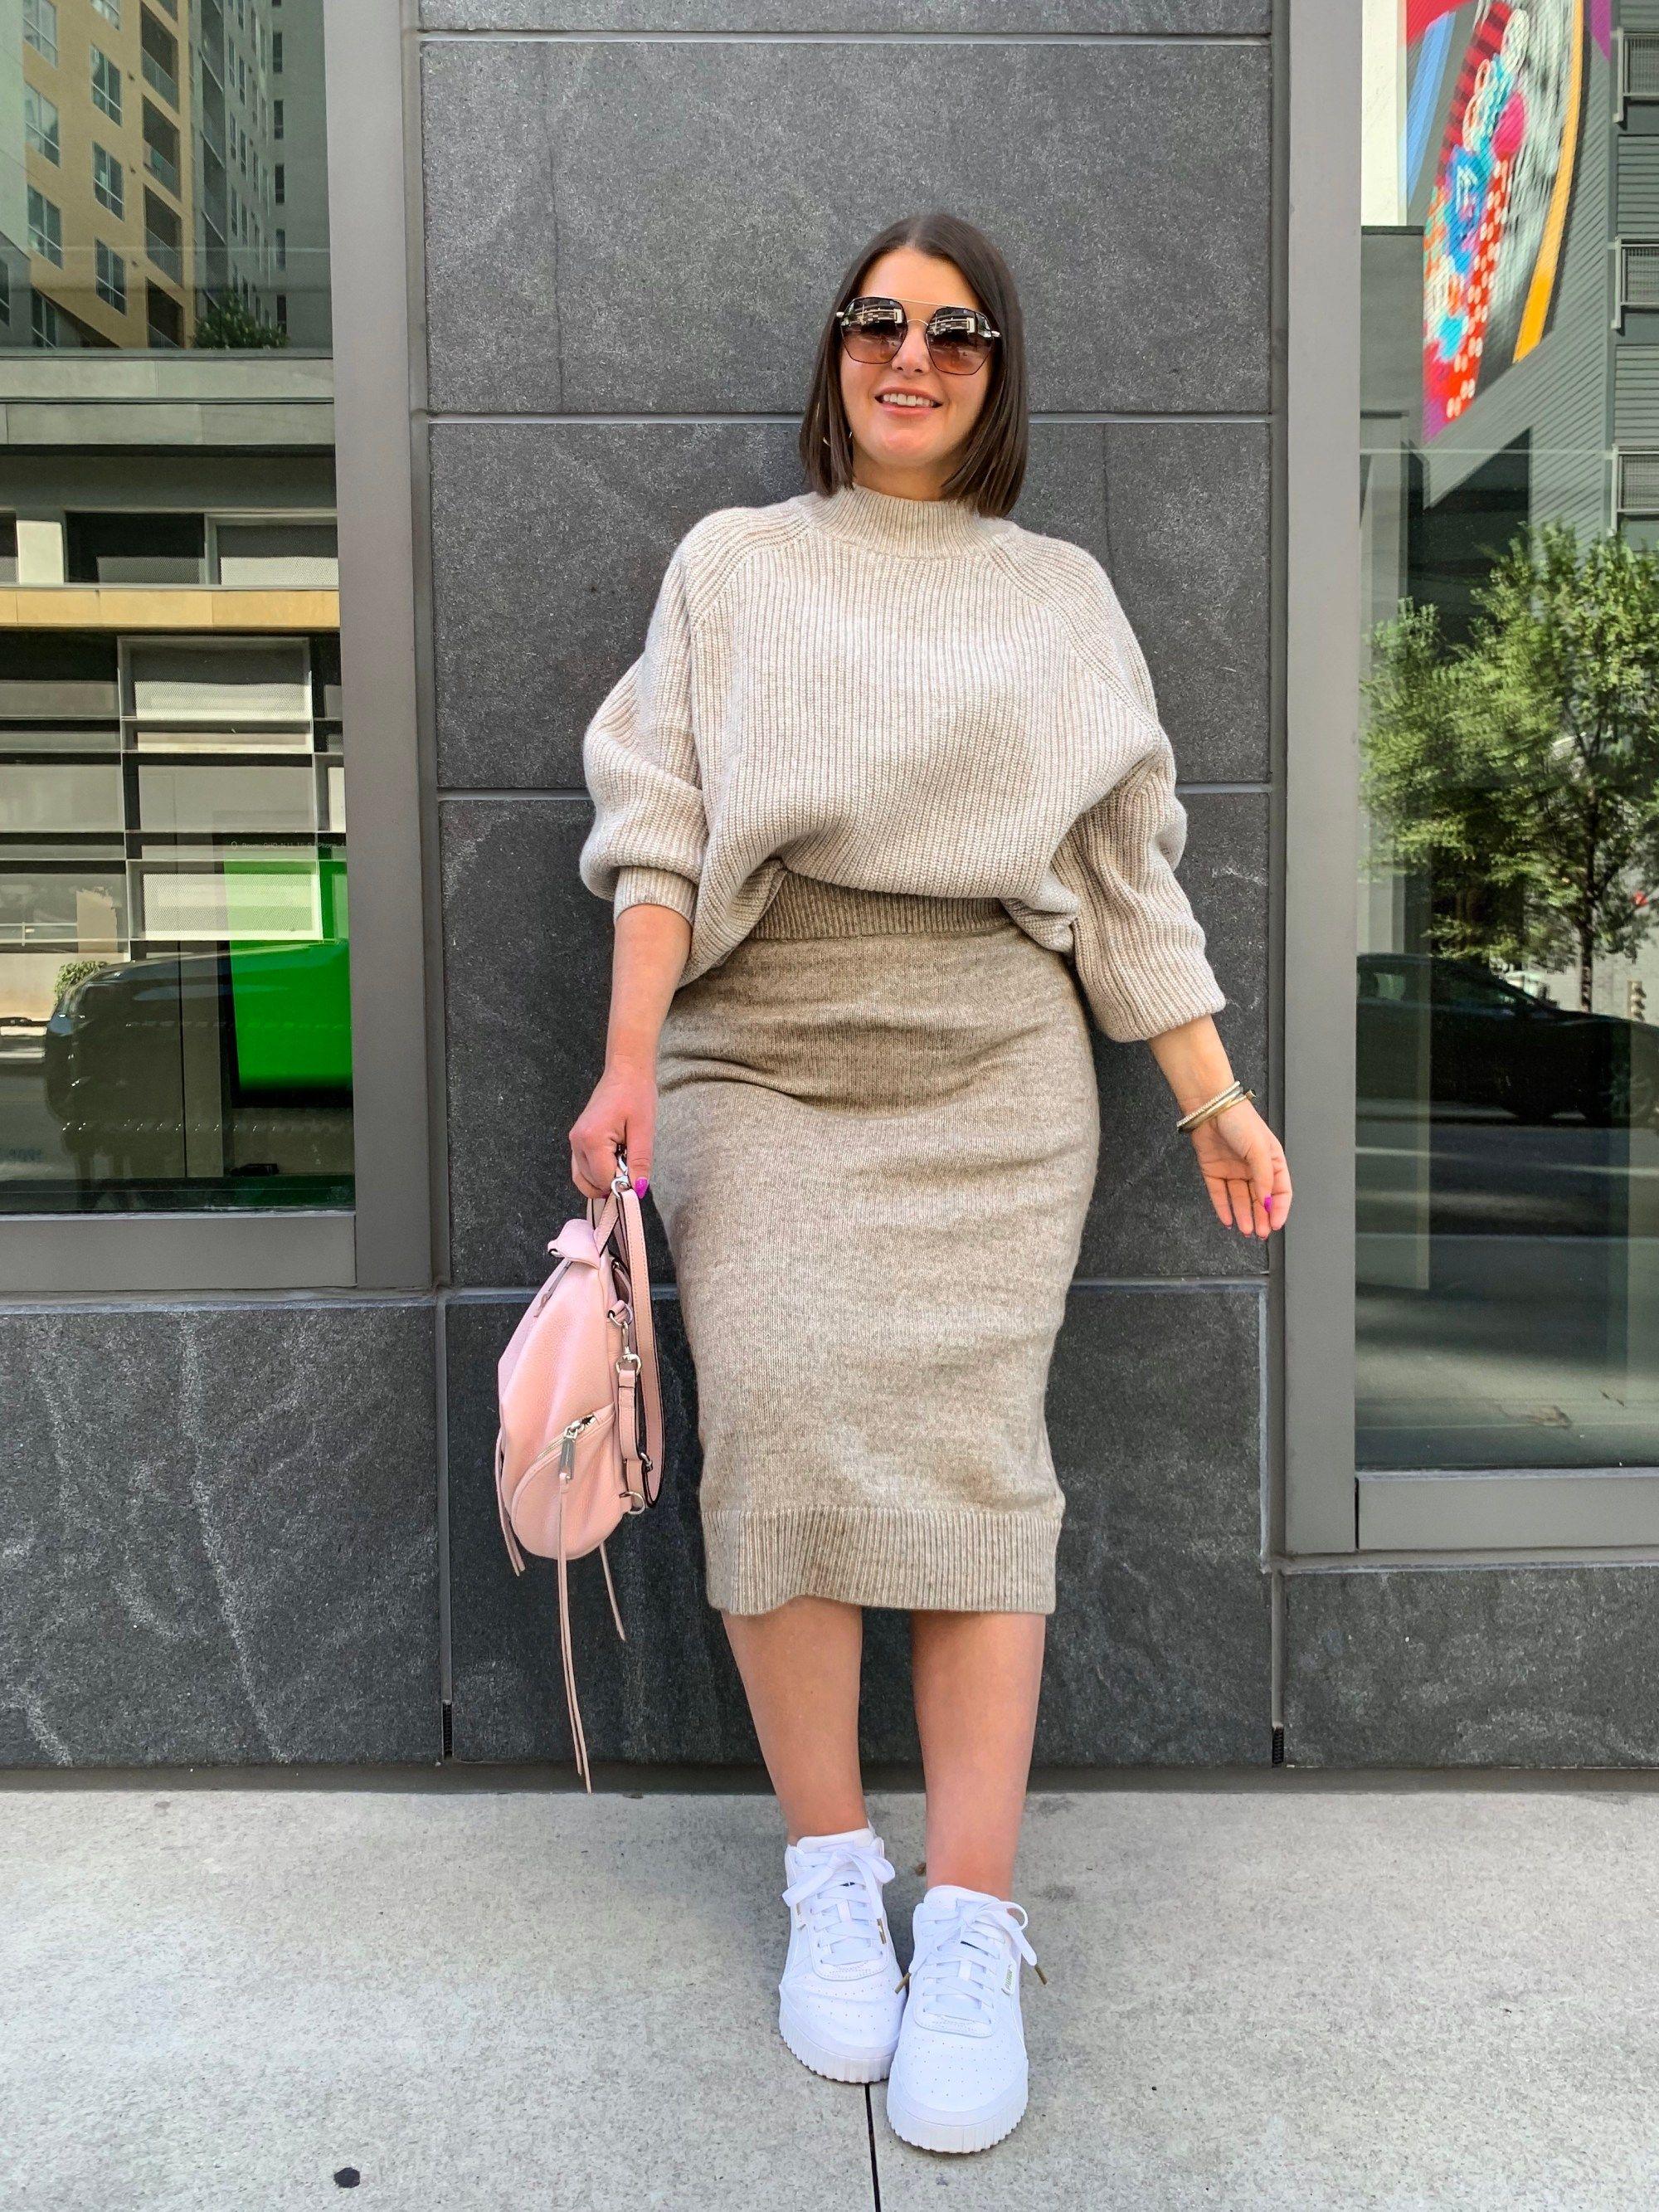 Fall Outfit Sweater Skirt Set Details Here Http Www Juliamarieb Com 2019 10 01 Sweater Skirt Set Julia Marie Sweater Skirt Set Fashion Curvy Girl Outfits [ 2666 x 2000 Pixel ]